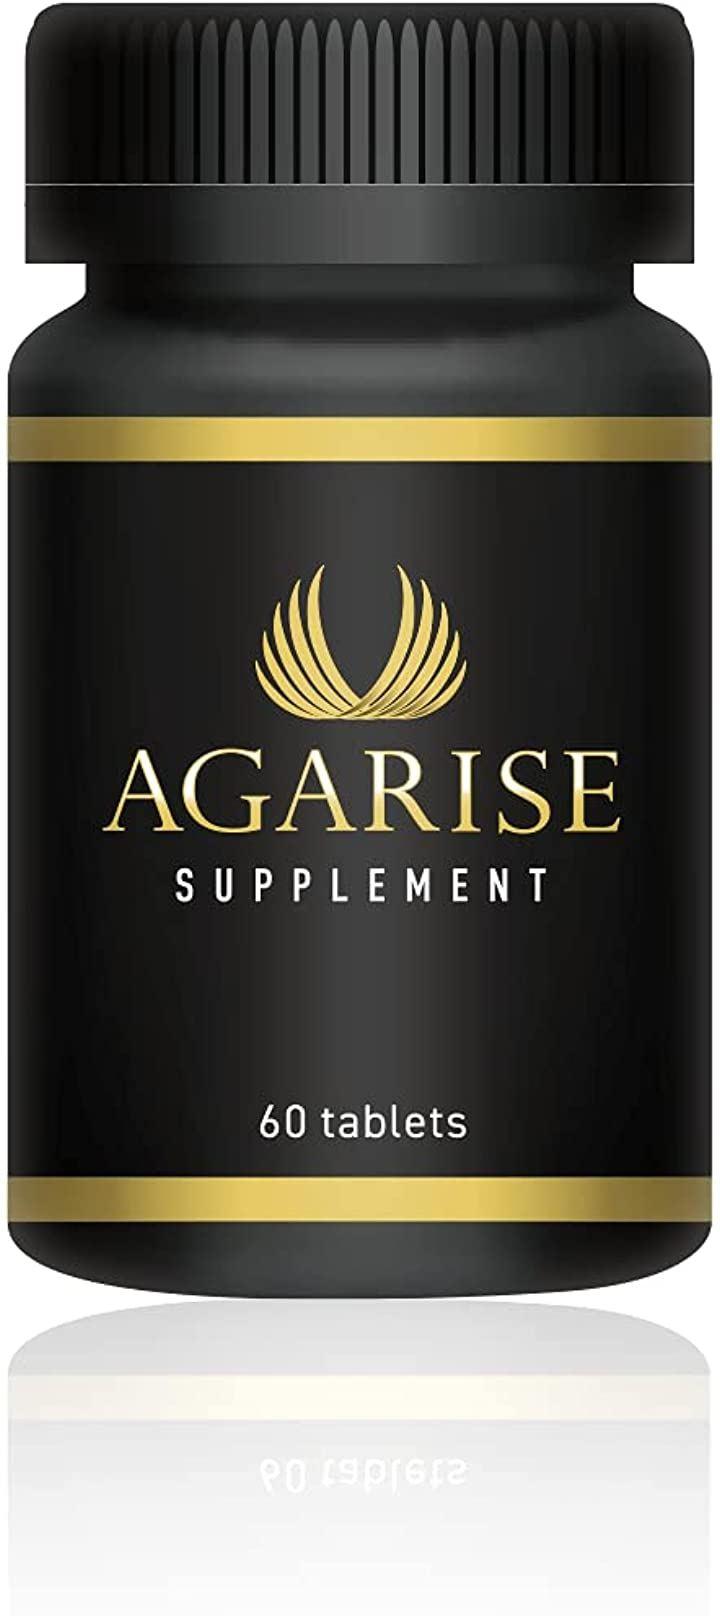 ノコギリヤシ ケラチン 特許取得成分 高配合 ヘアケア サプリ アガライズ エンドウ芽エキス 葉酸 30日分 1個(1個)